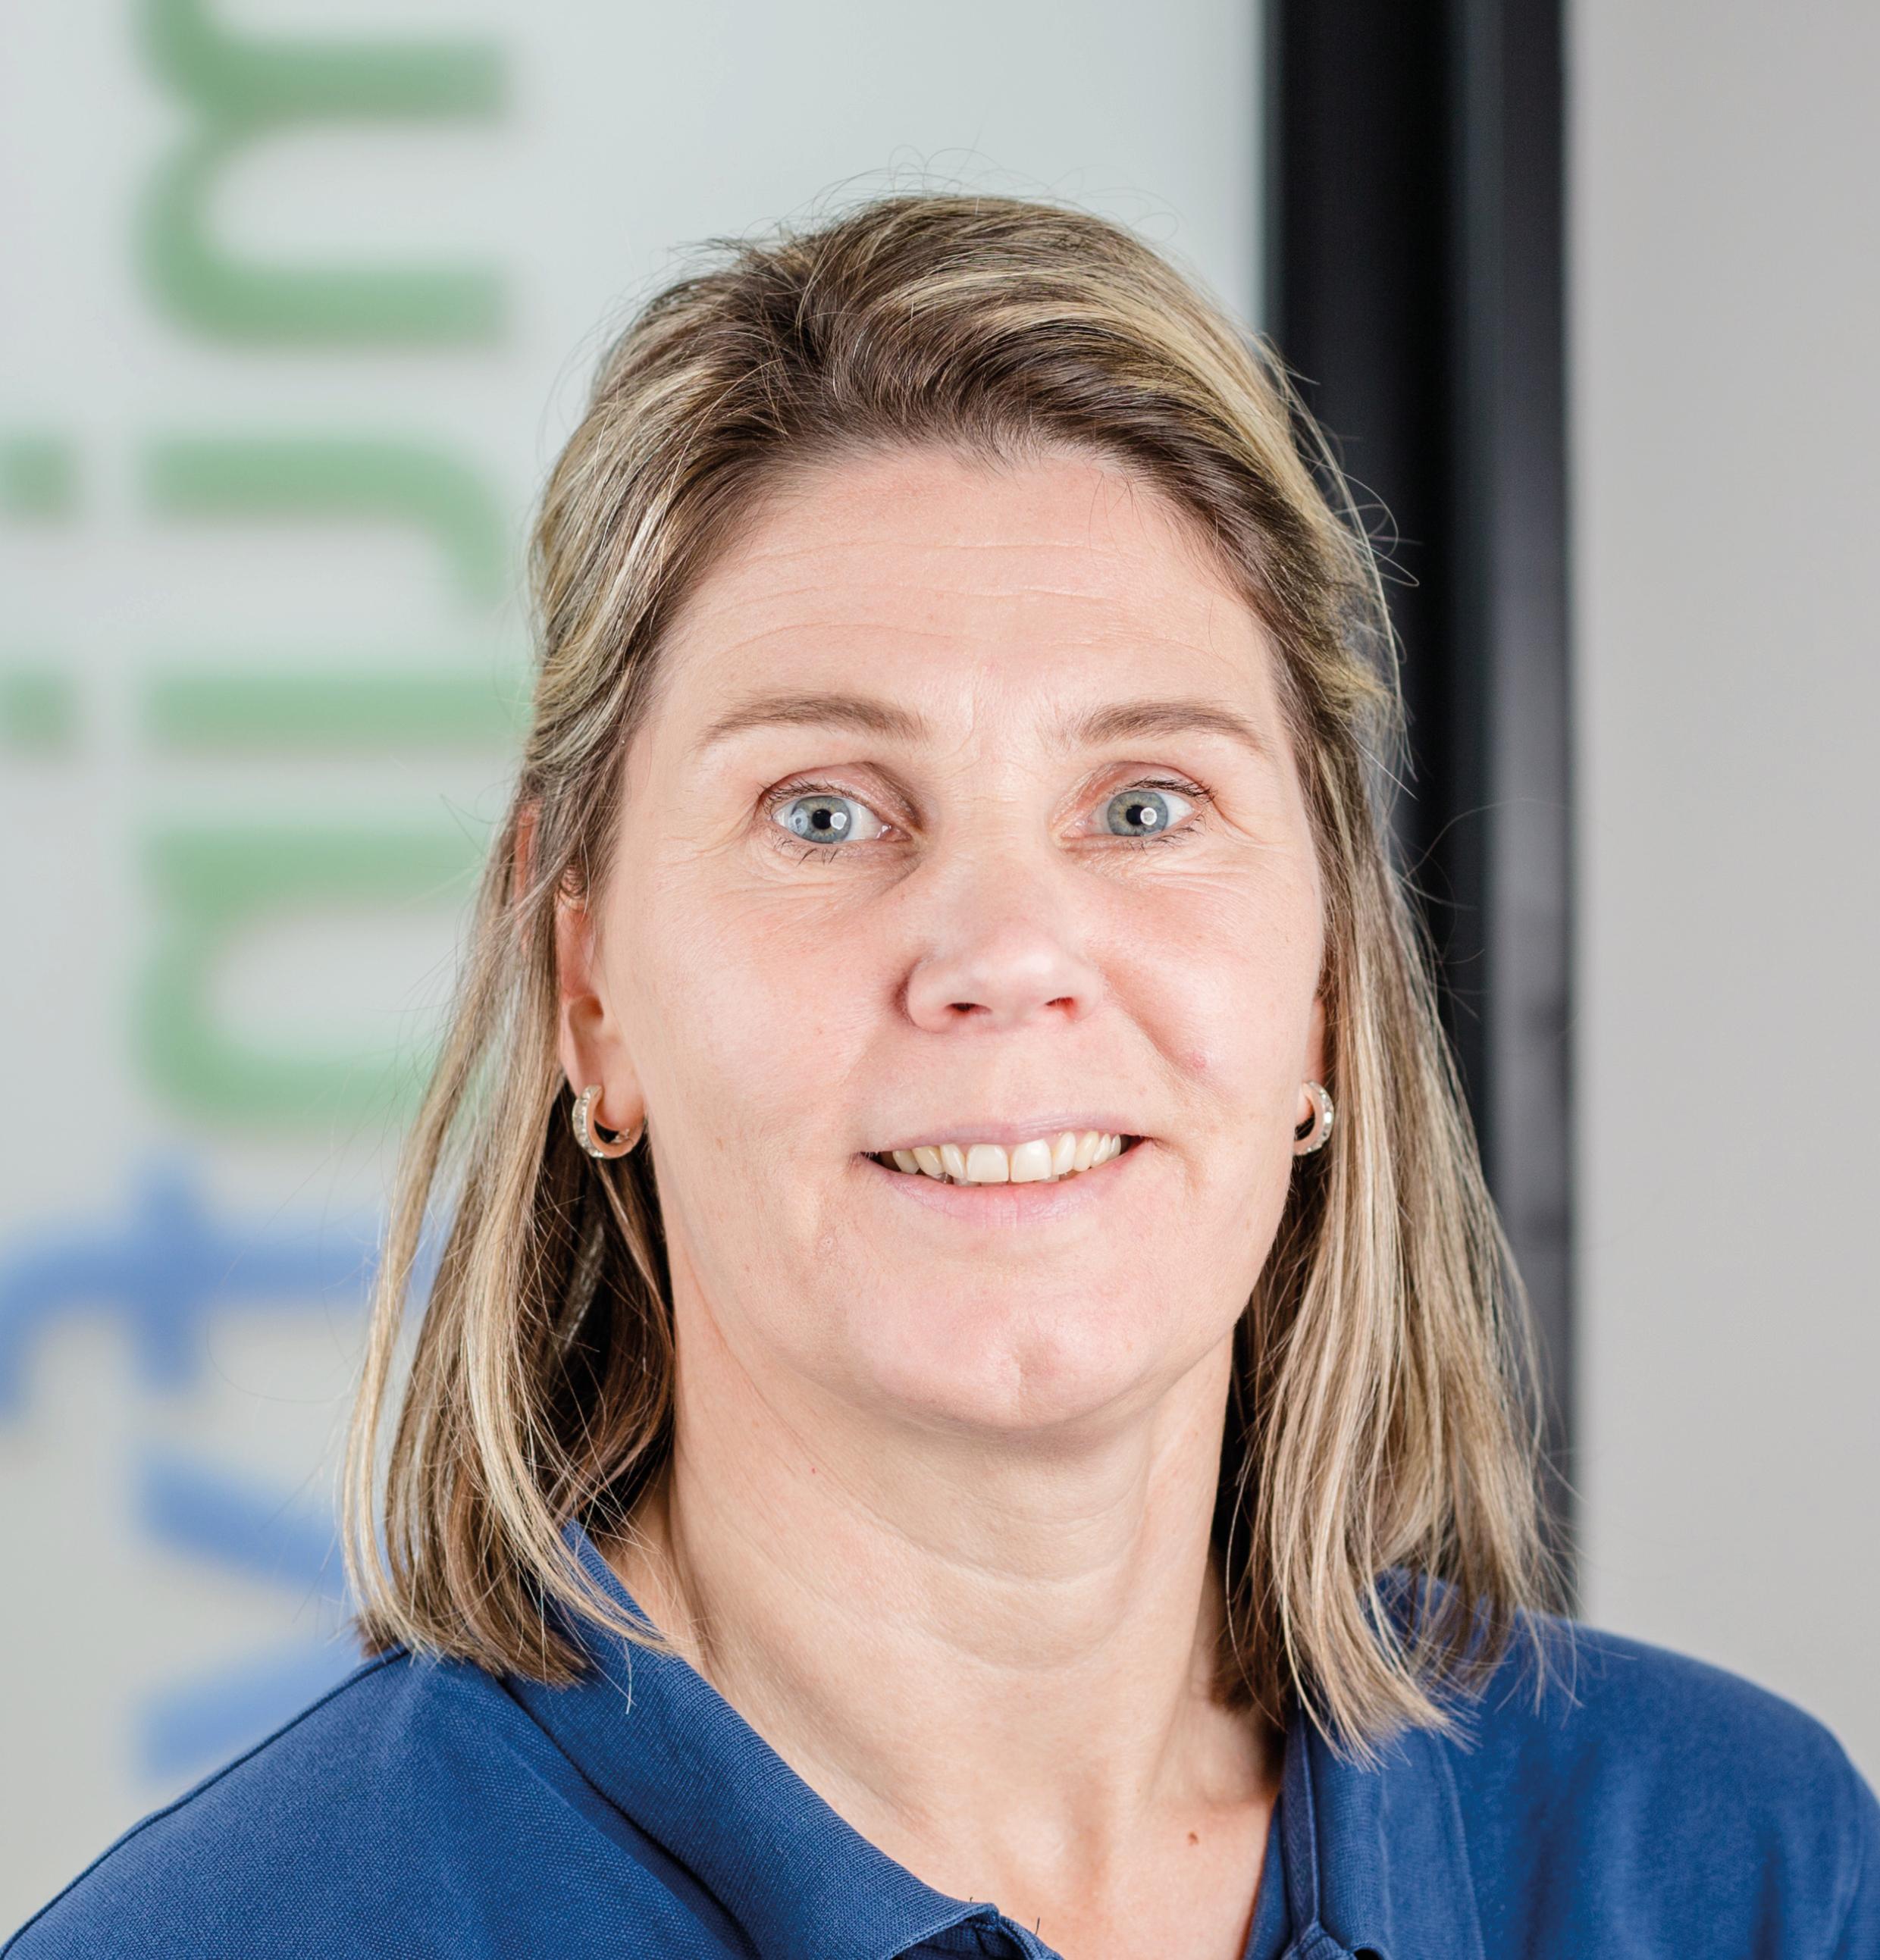 Natasja Zweers-Timmer